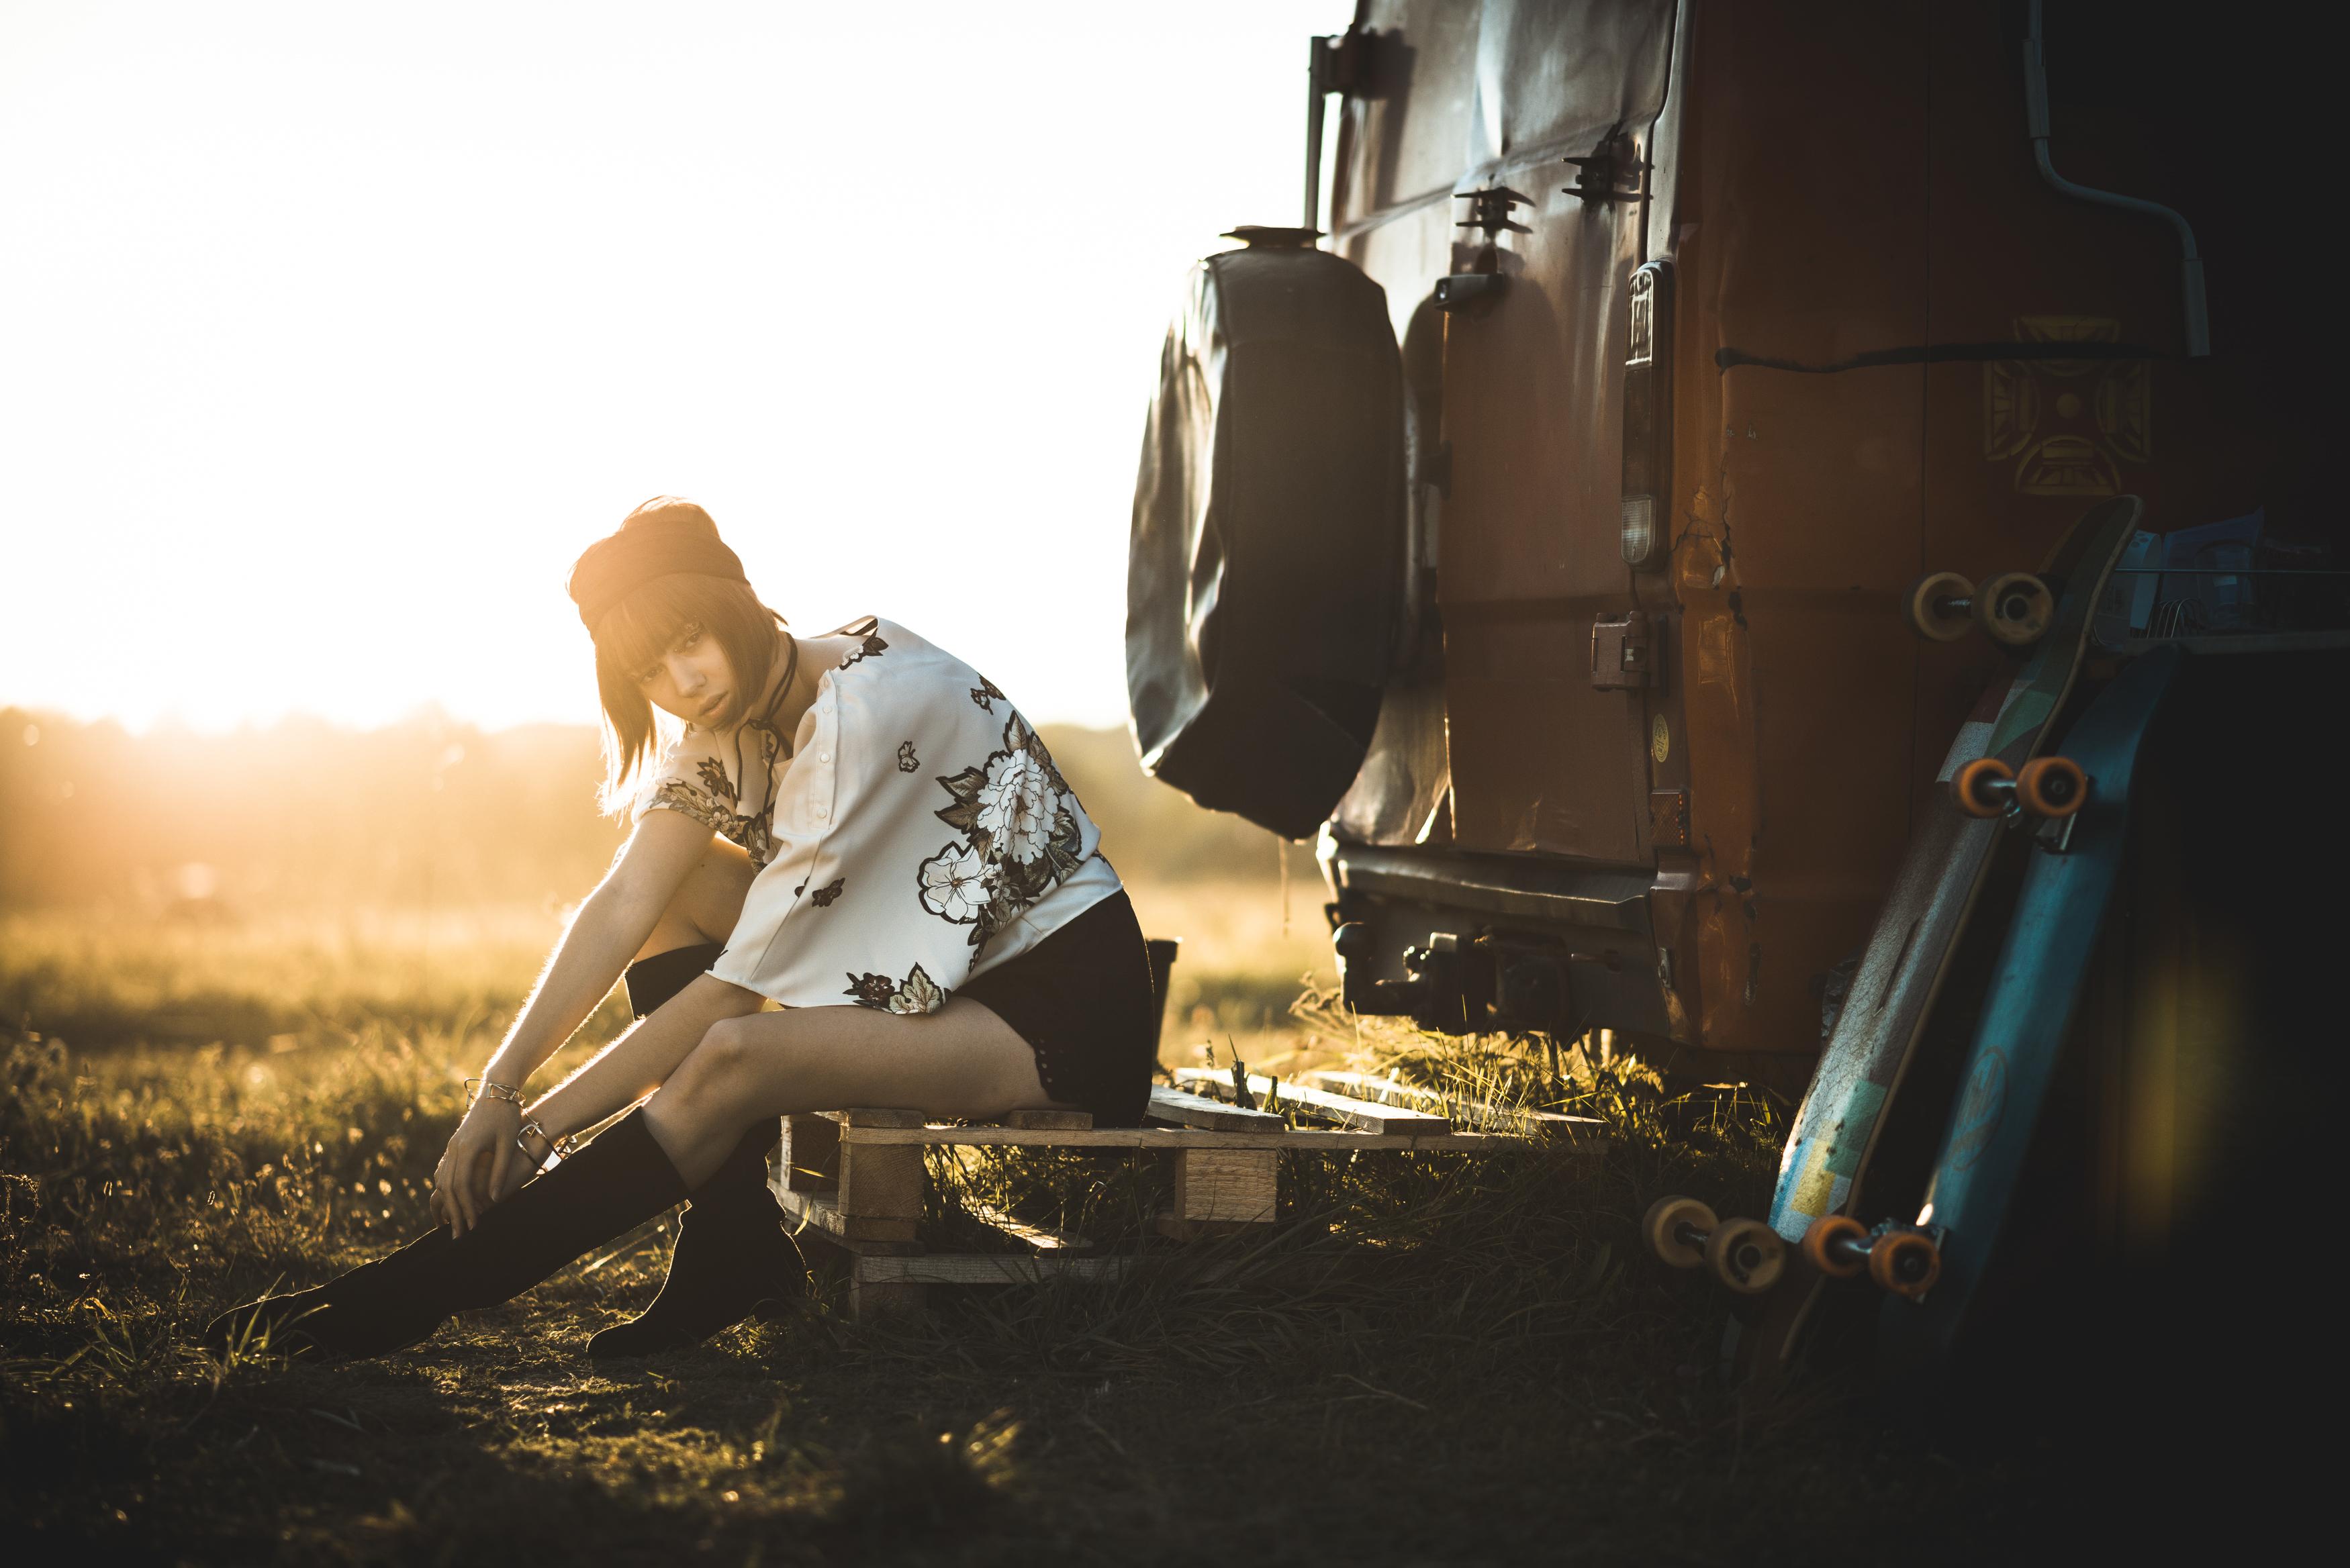 portrait sunset nature car photography fashion owl Van skate girl photo caravan photograph Sense picture passion